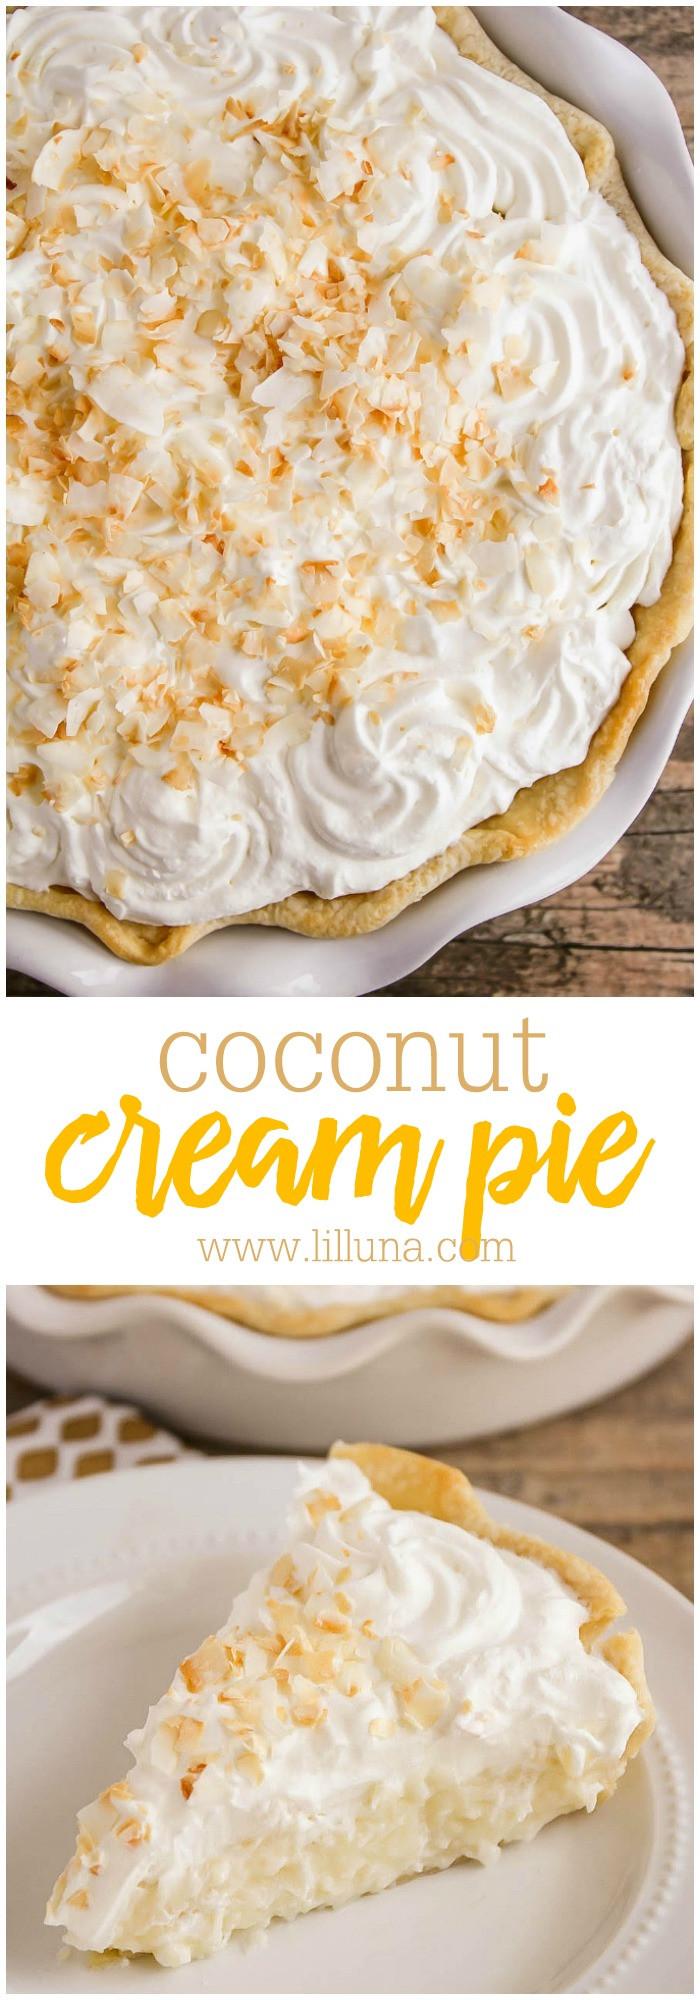 Coconut Cream Pie With Pudding  Coconut Cream Pie